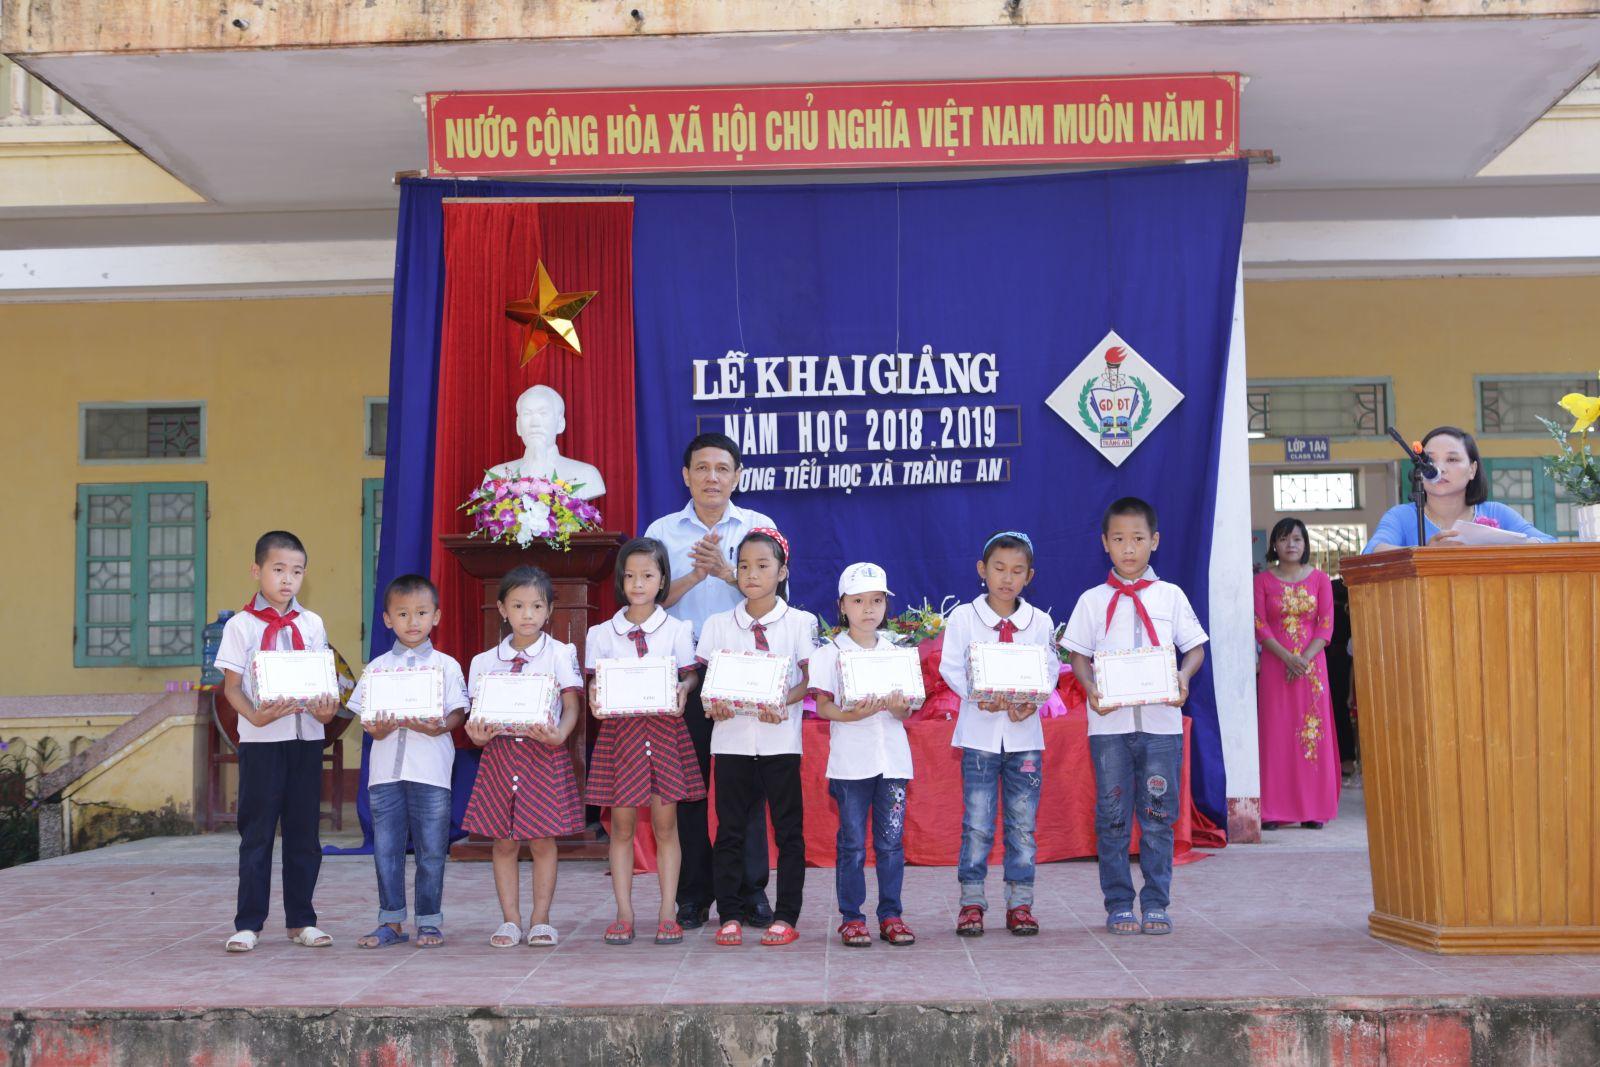 Học sinh có hoàn cảnh khó khăn nhận quà của quỹ bảo trợ trẻ em huyện Bình Lục